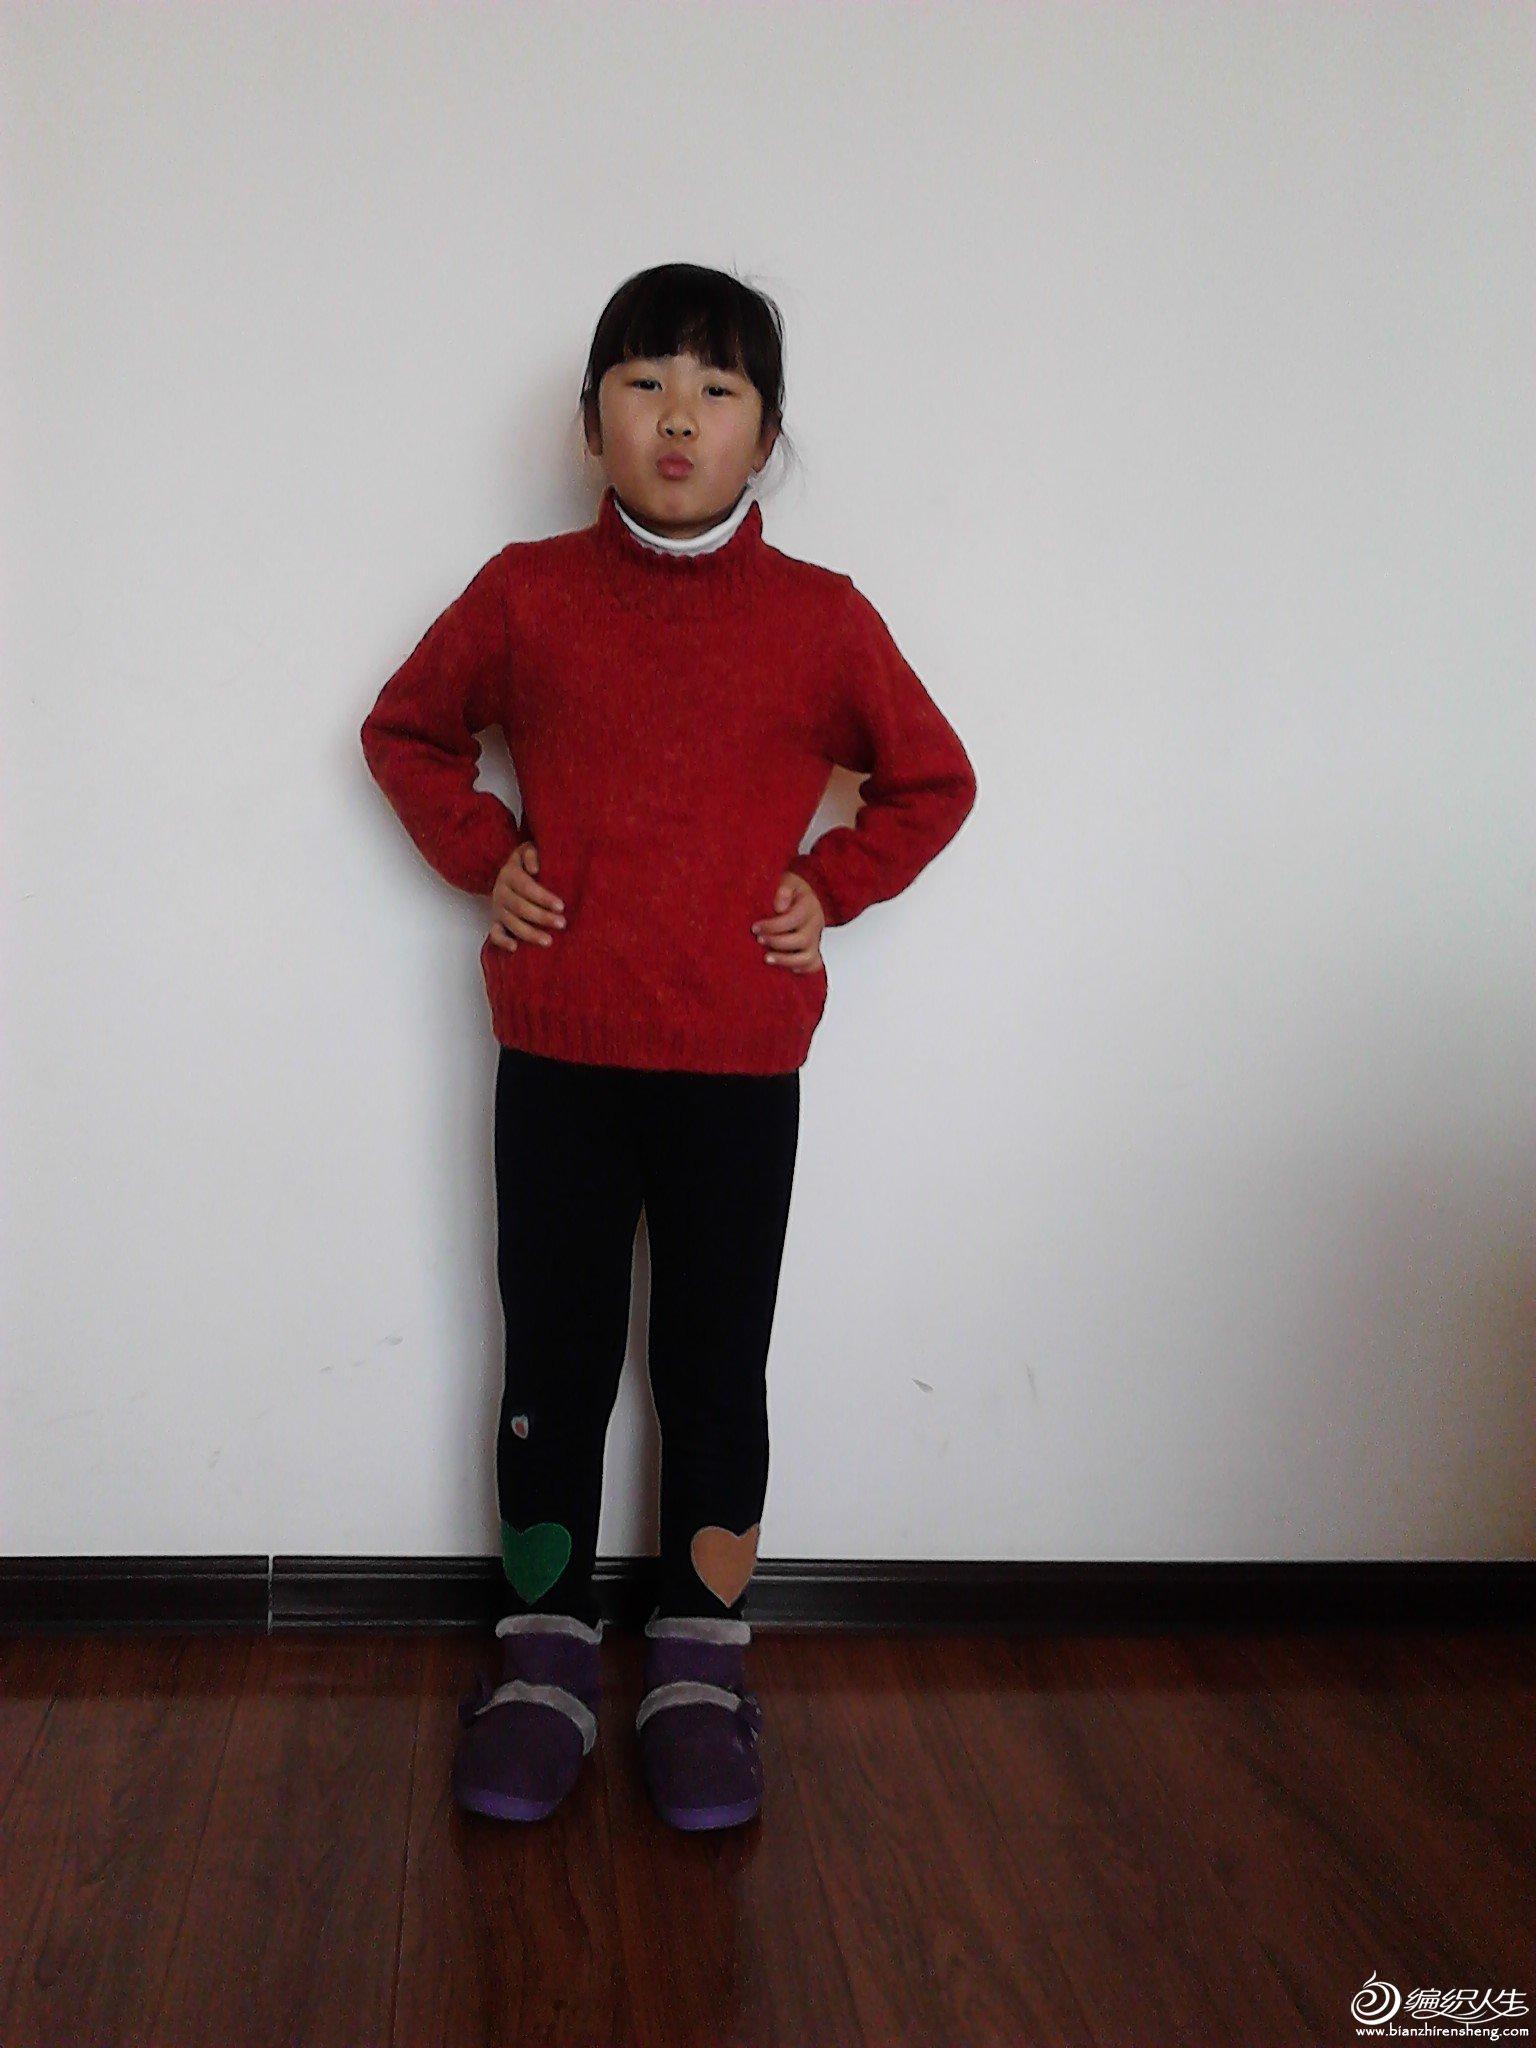 以前织的大红毛衣。穿上很显得皮肤白.jpg